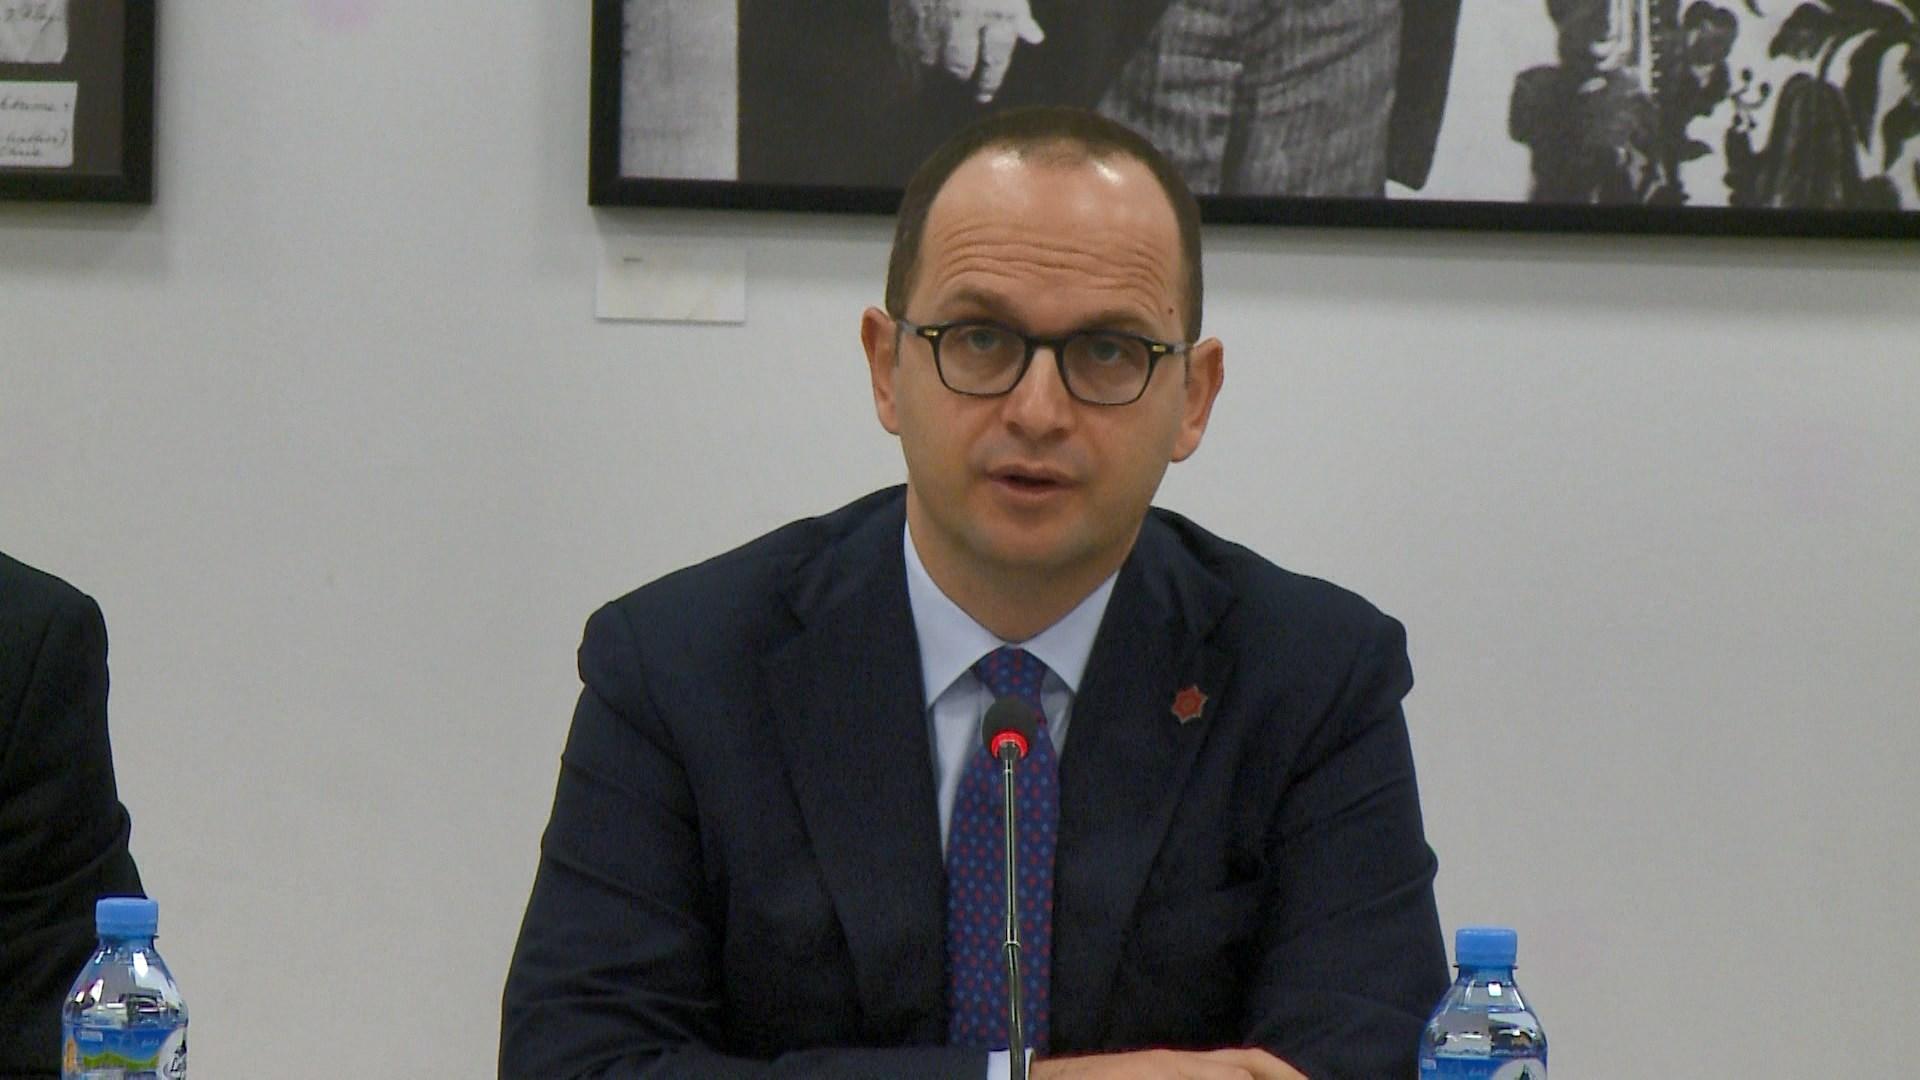 Integrimi i Shqipërisë në BE, Bushati: I zhgënjyer nga bashkitë